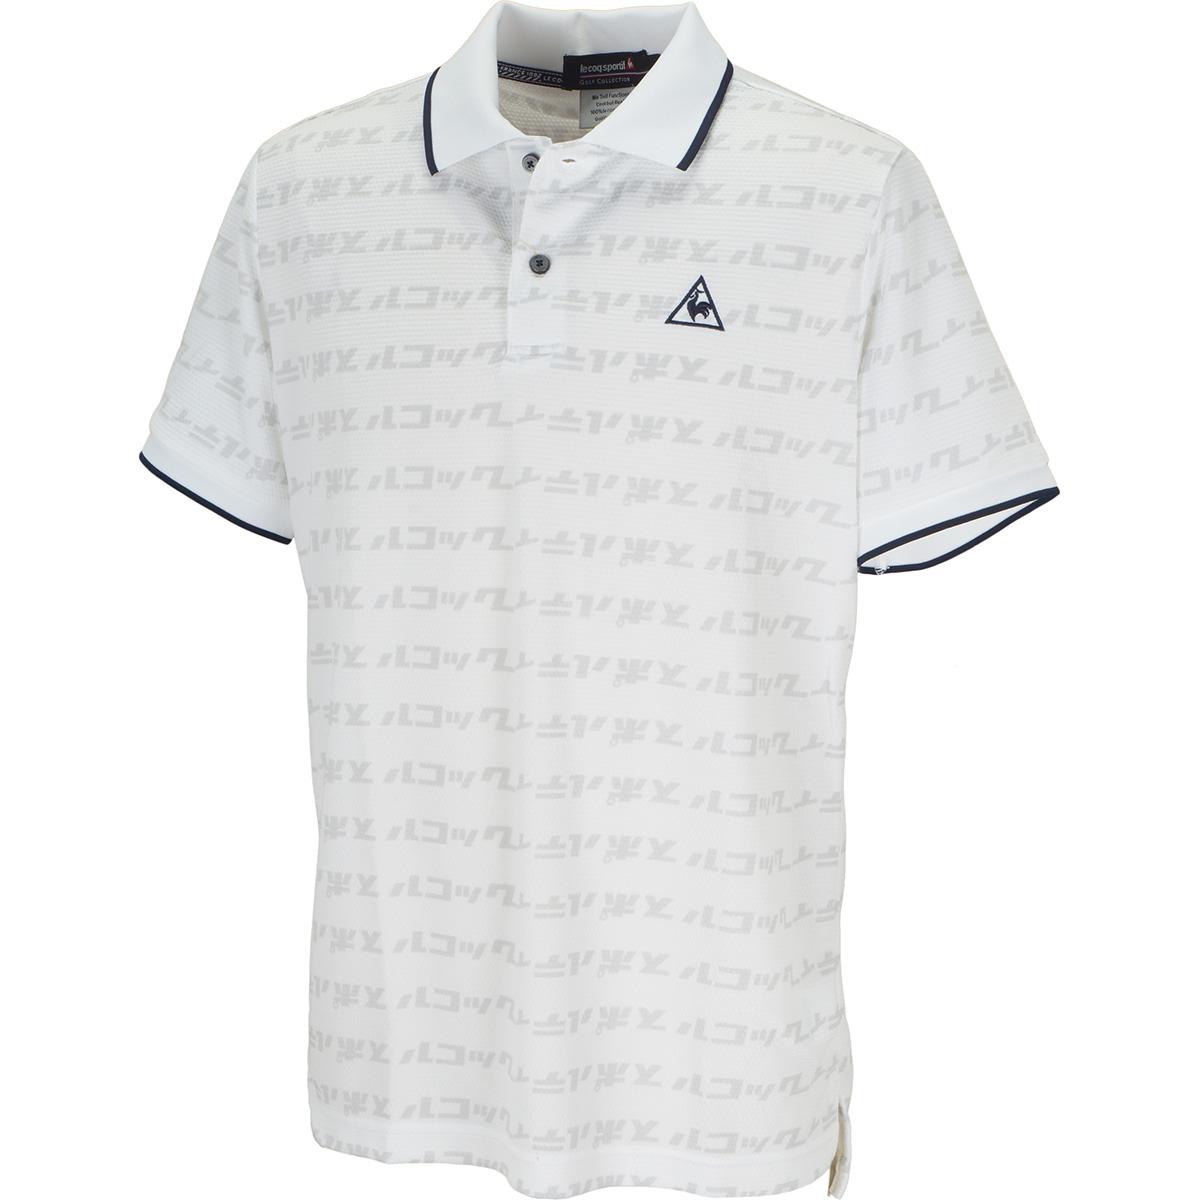 ハニカムメッシュカナロゴプリント半袖ポロシャツ